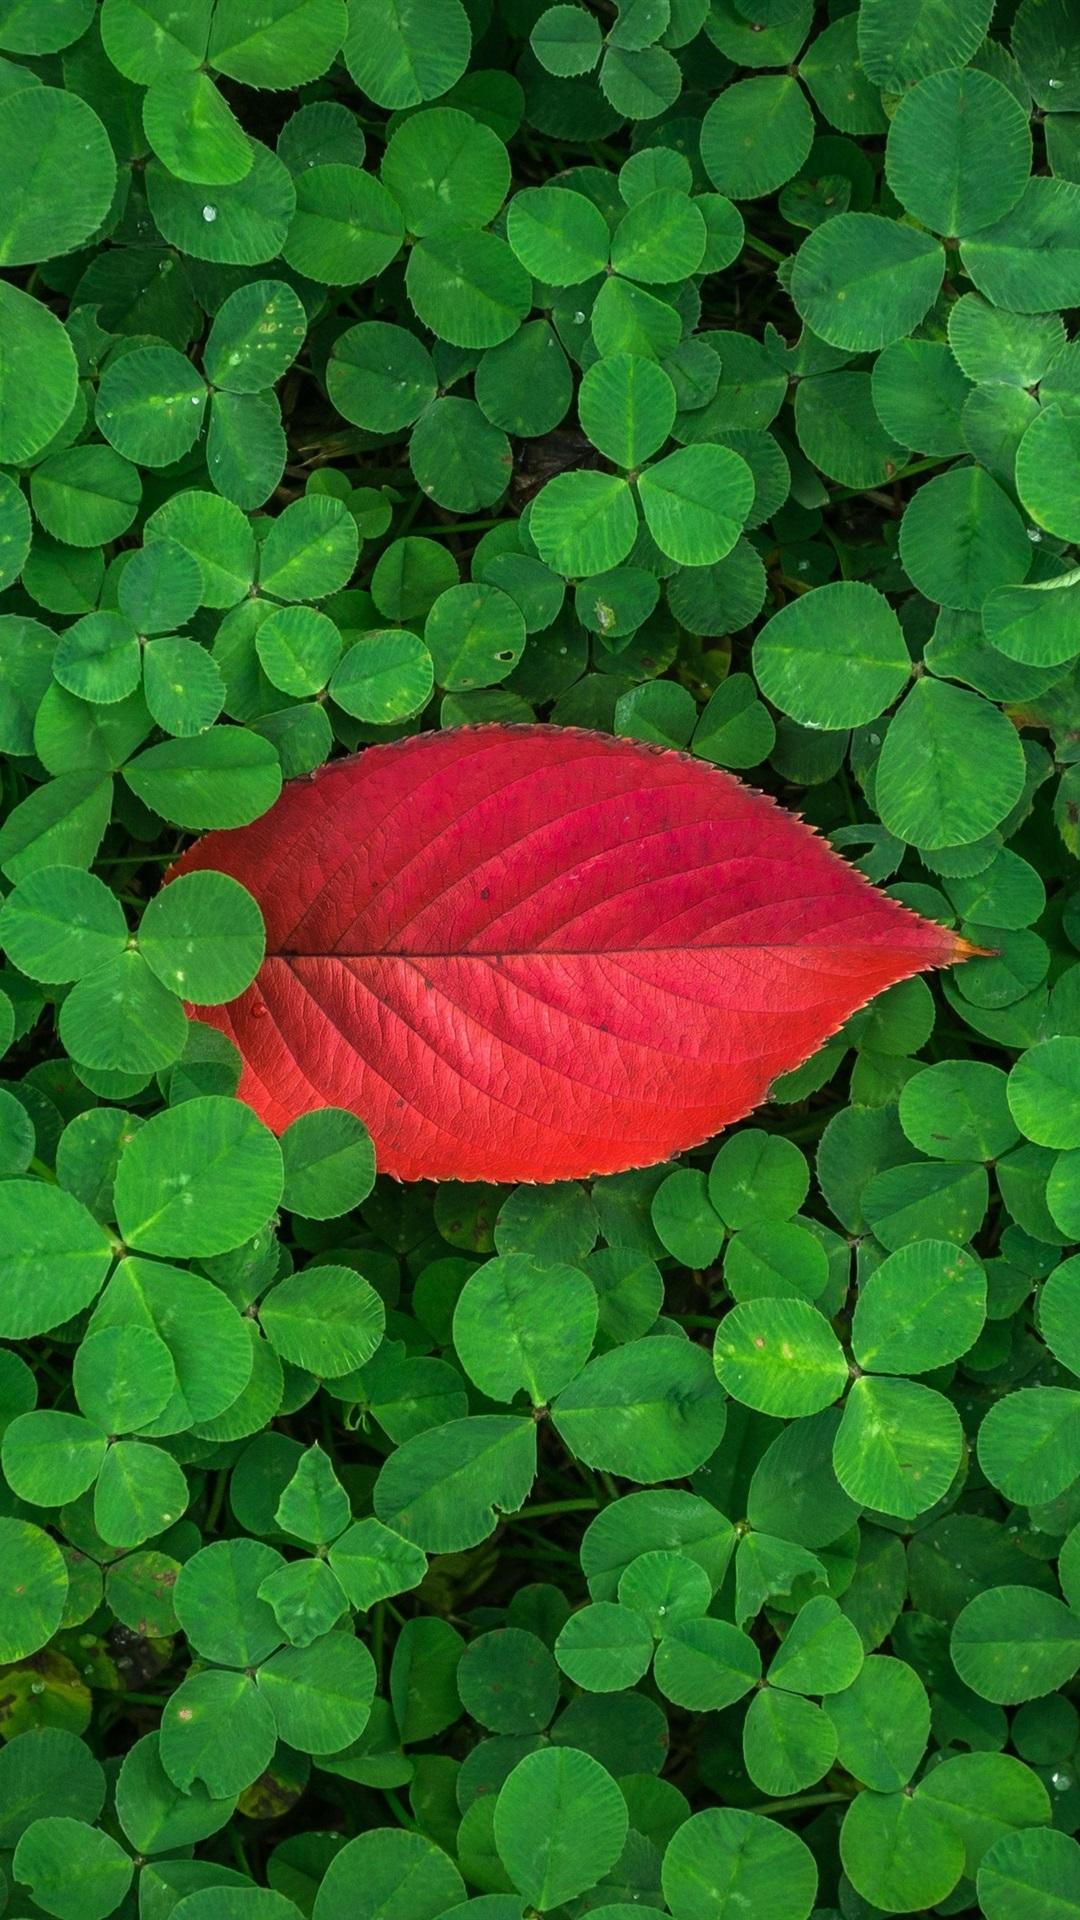 緑のクローバー 赤い葉1枚 1080x1920 Iphone 8 7 6 6s Plus 壁紙